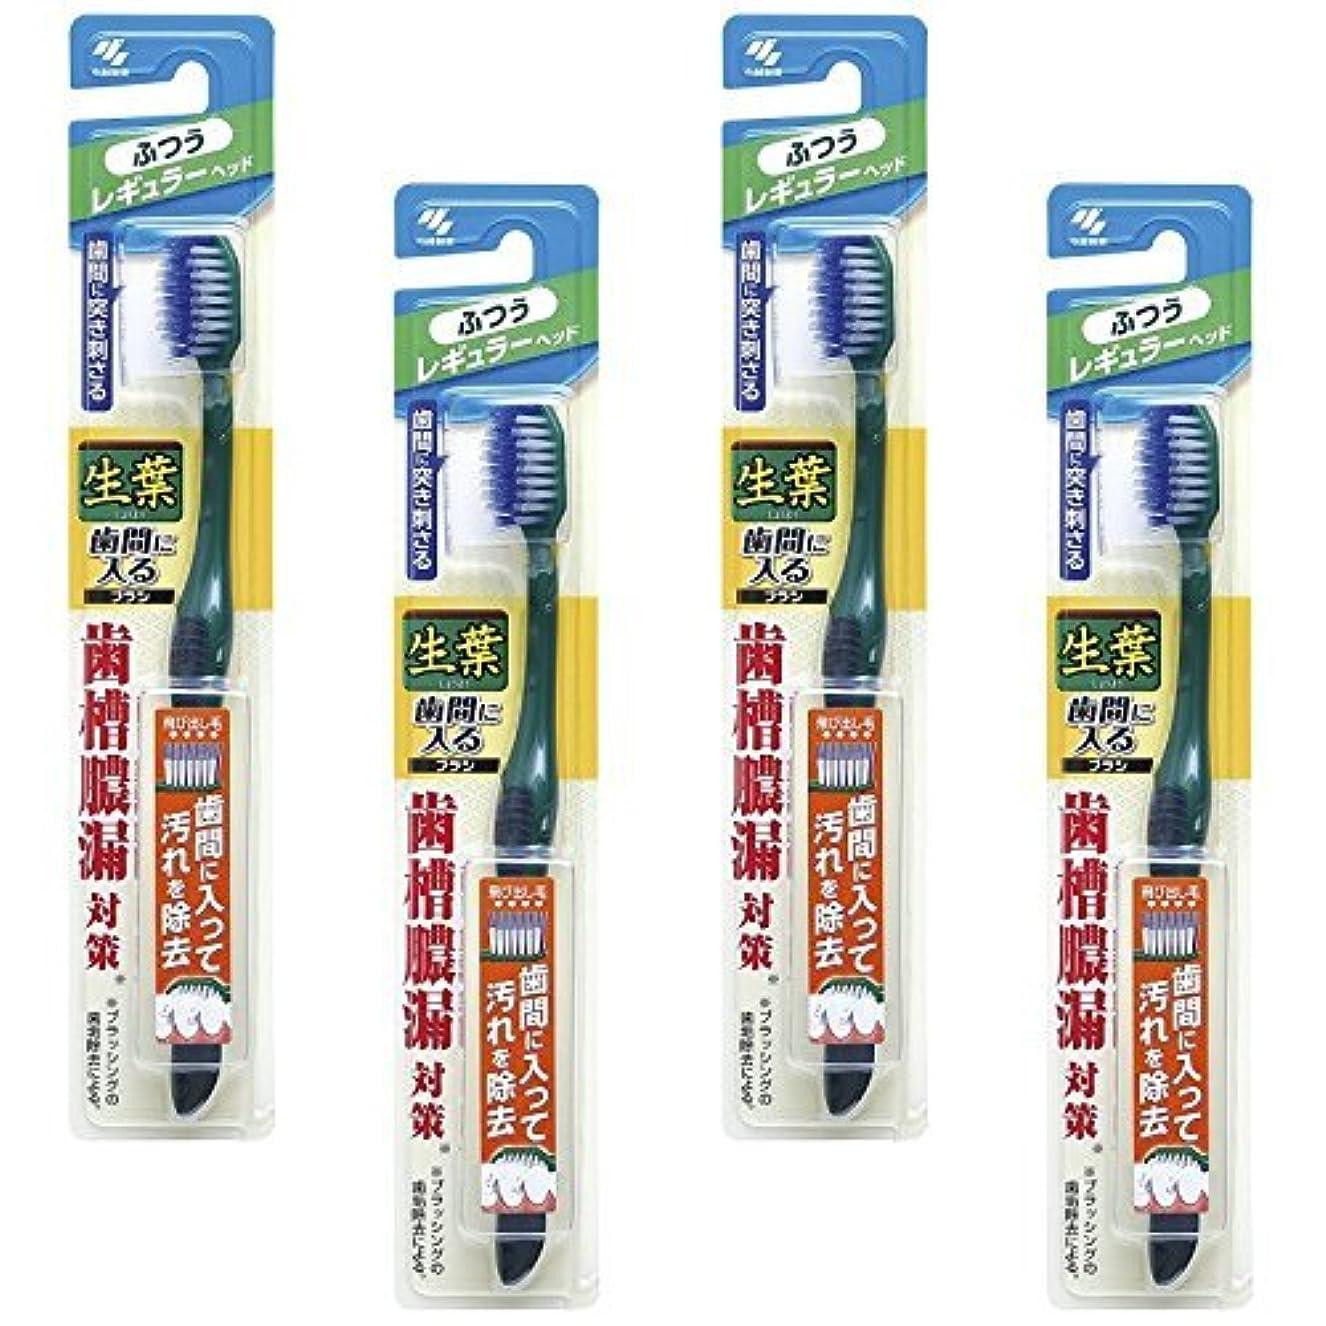 産地テレビ唯一【まとめ買い】生葉(しょうよう)歯間に入るブラシ 歯ブラシ レギュラー ふつう ×4個